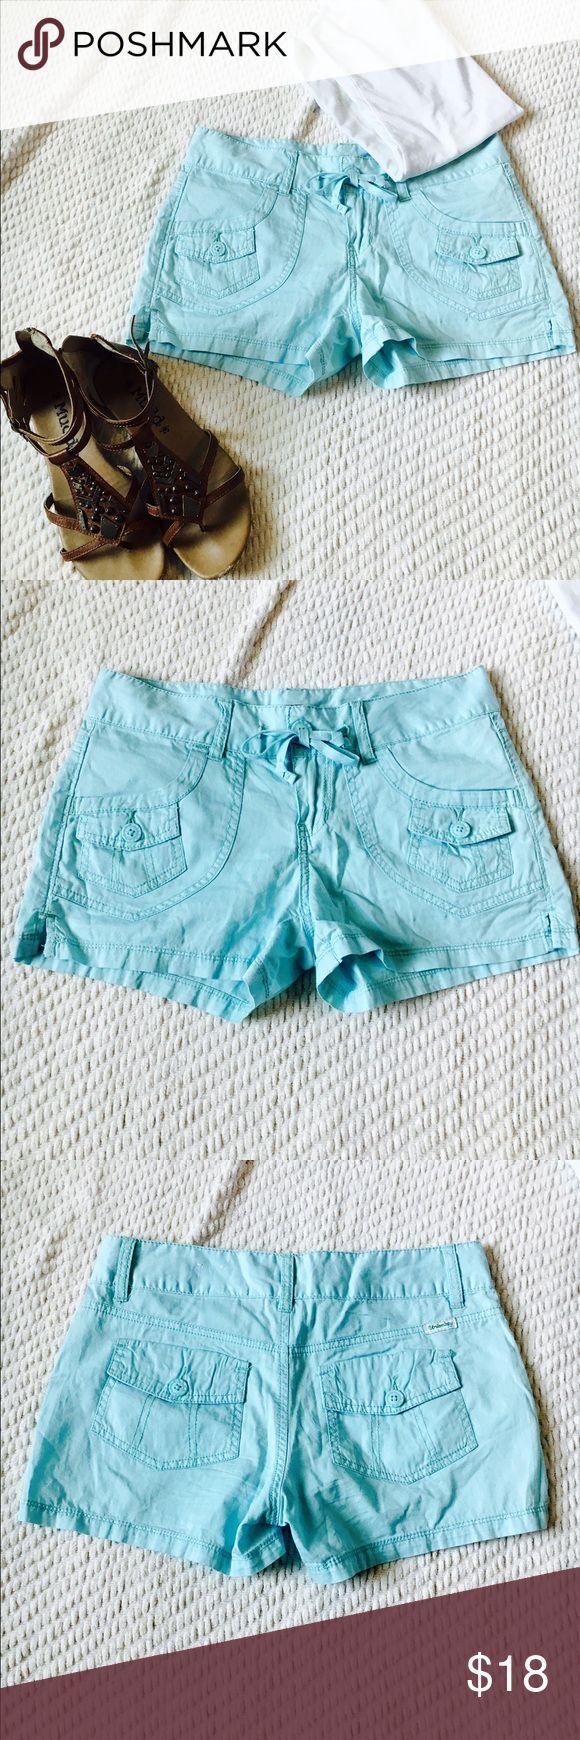 Light blue shorts Nwot light blue shorts with drawstring waist UNIONBAY Shorts